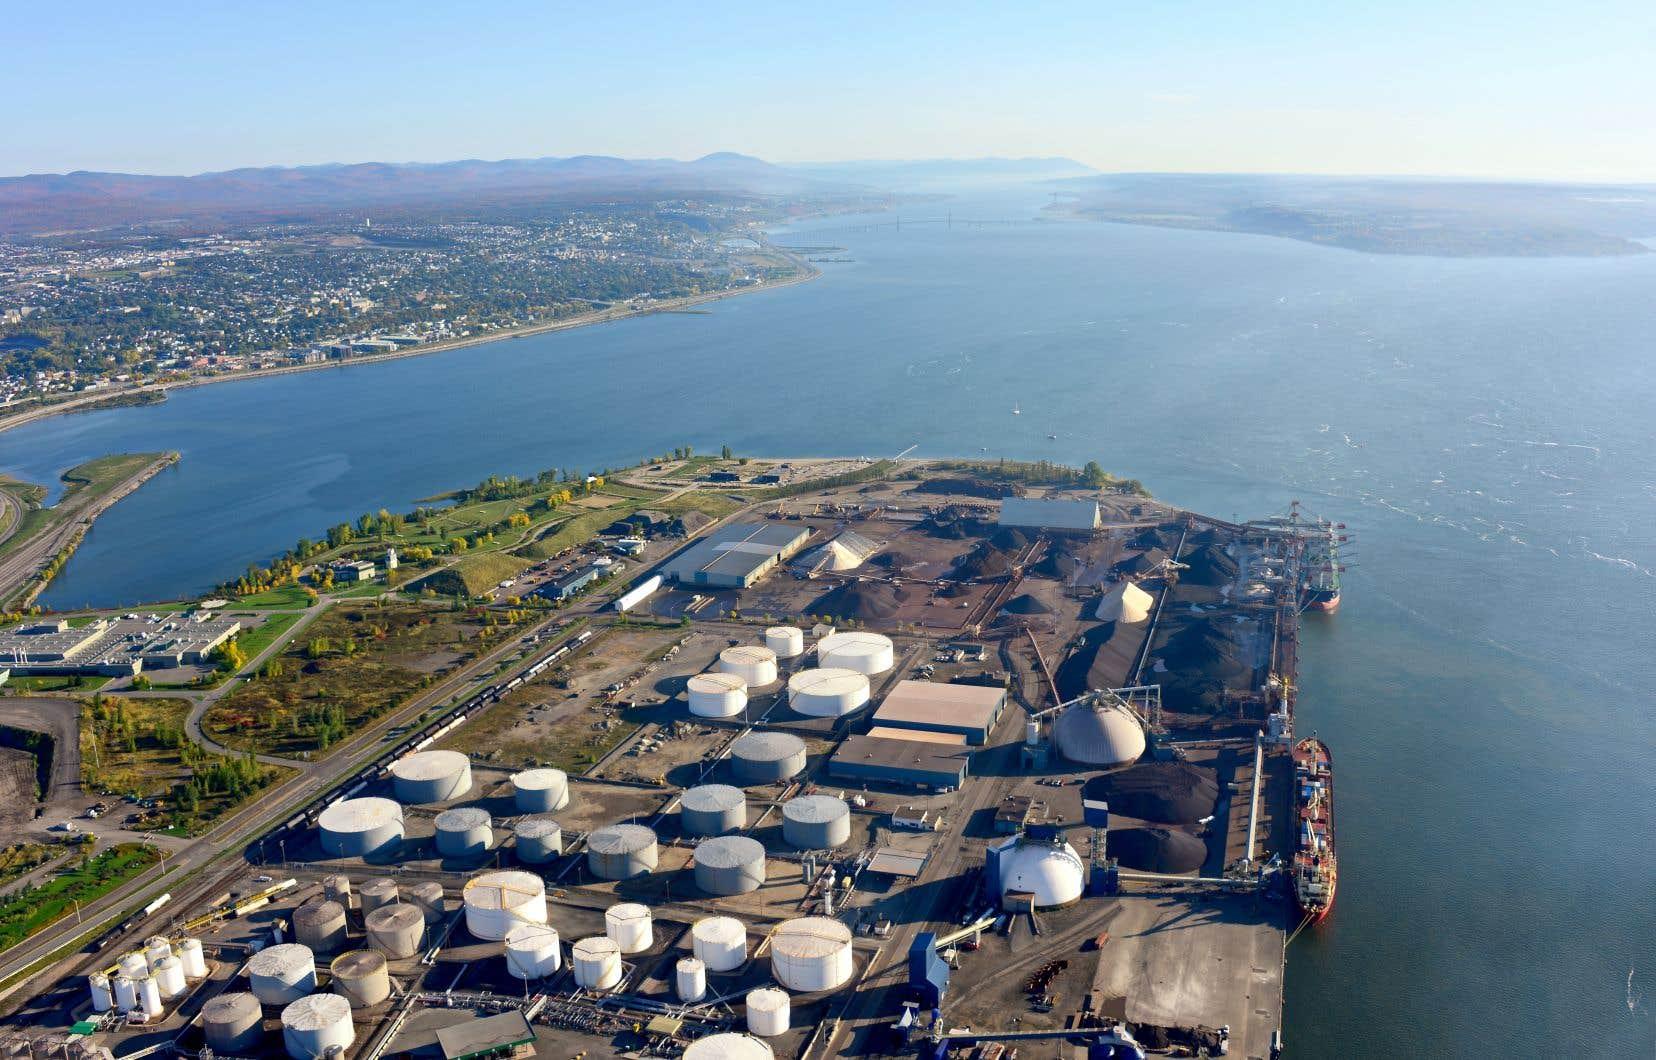 L'Administration portuaire de Québec souhaite construire un nouveau quai de 610 mètres et draguer près d'un million de mètres de sédiments pour agrandir son territoire dans le secteur de Beauport, à l'est du quartier Limoilou.